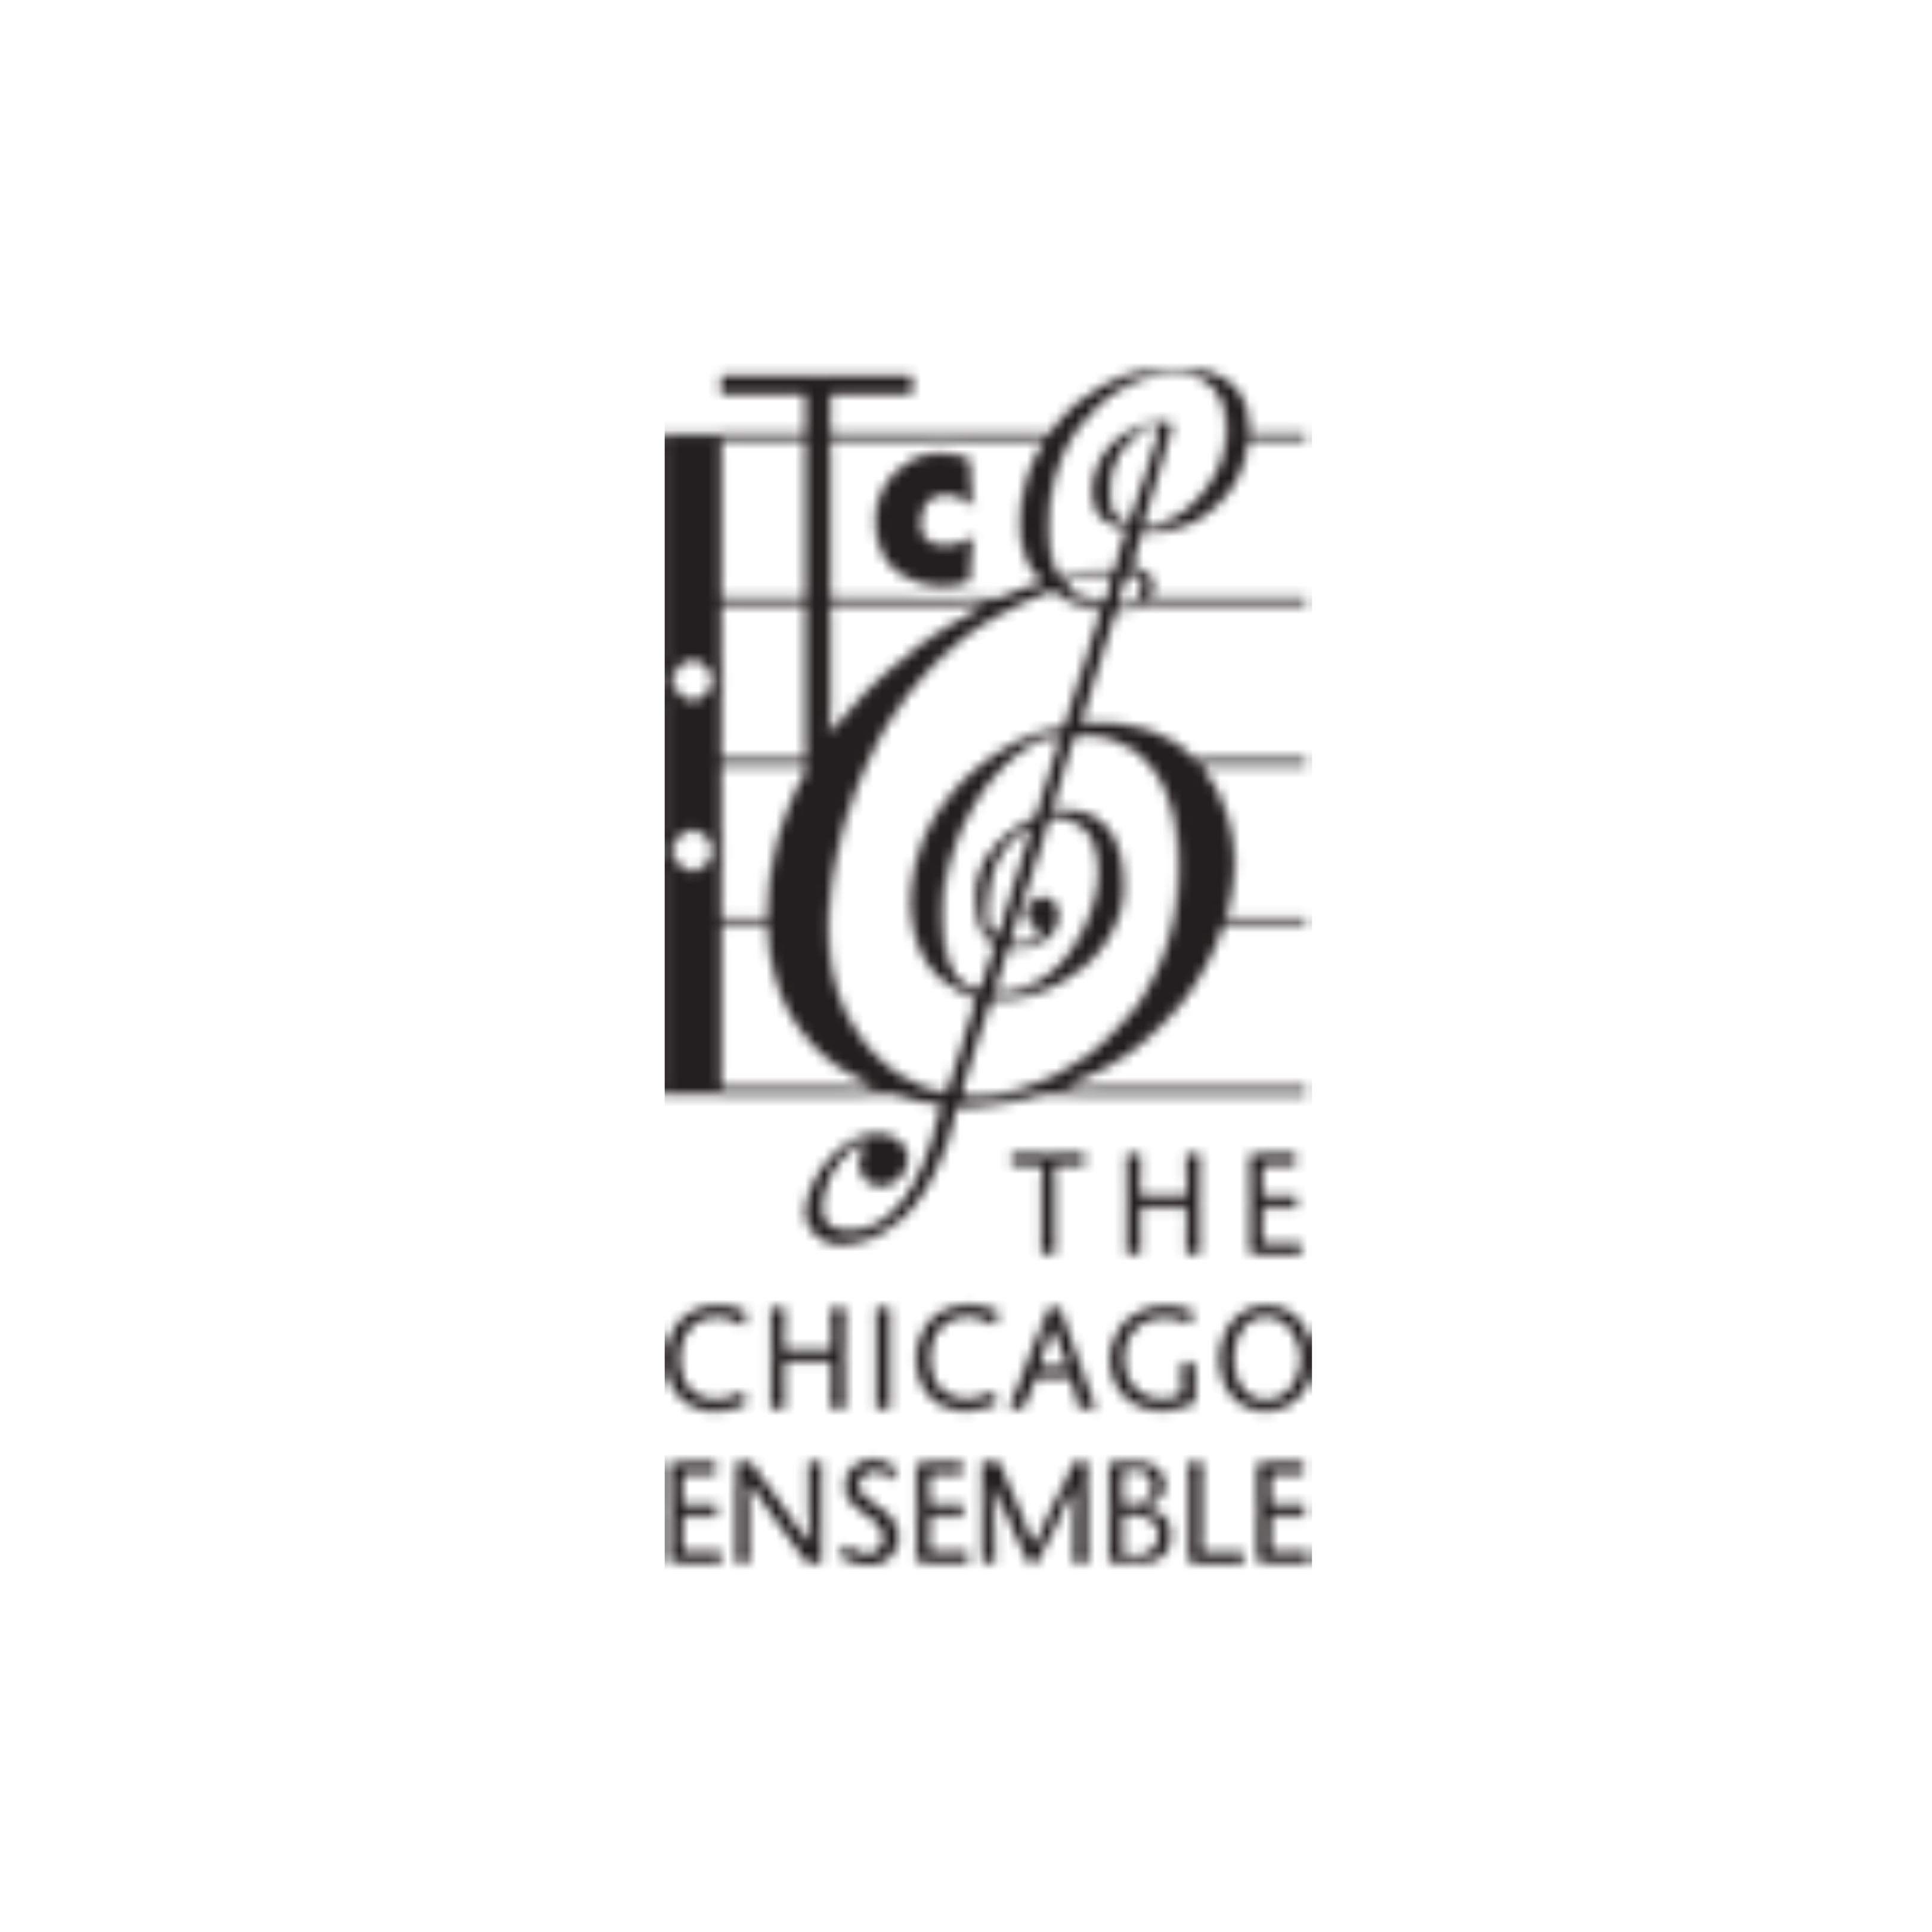 The Chicago Ensemble